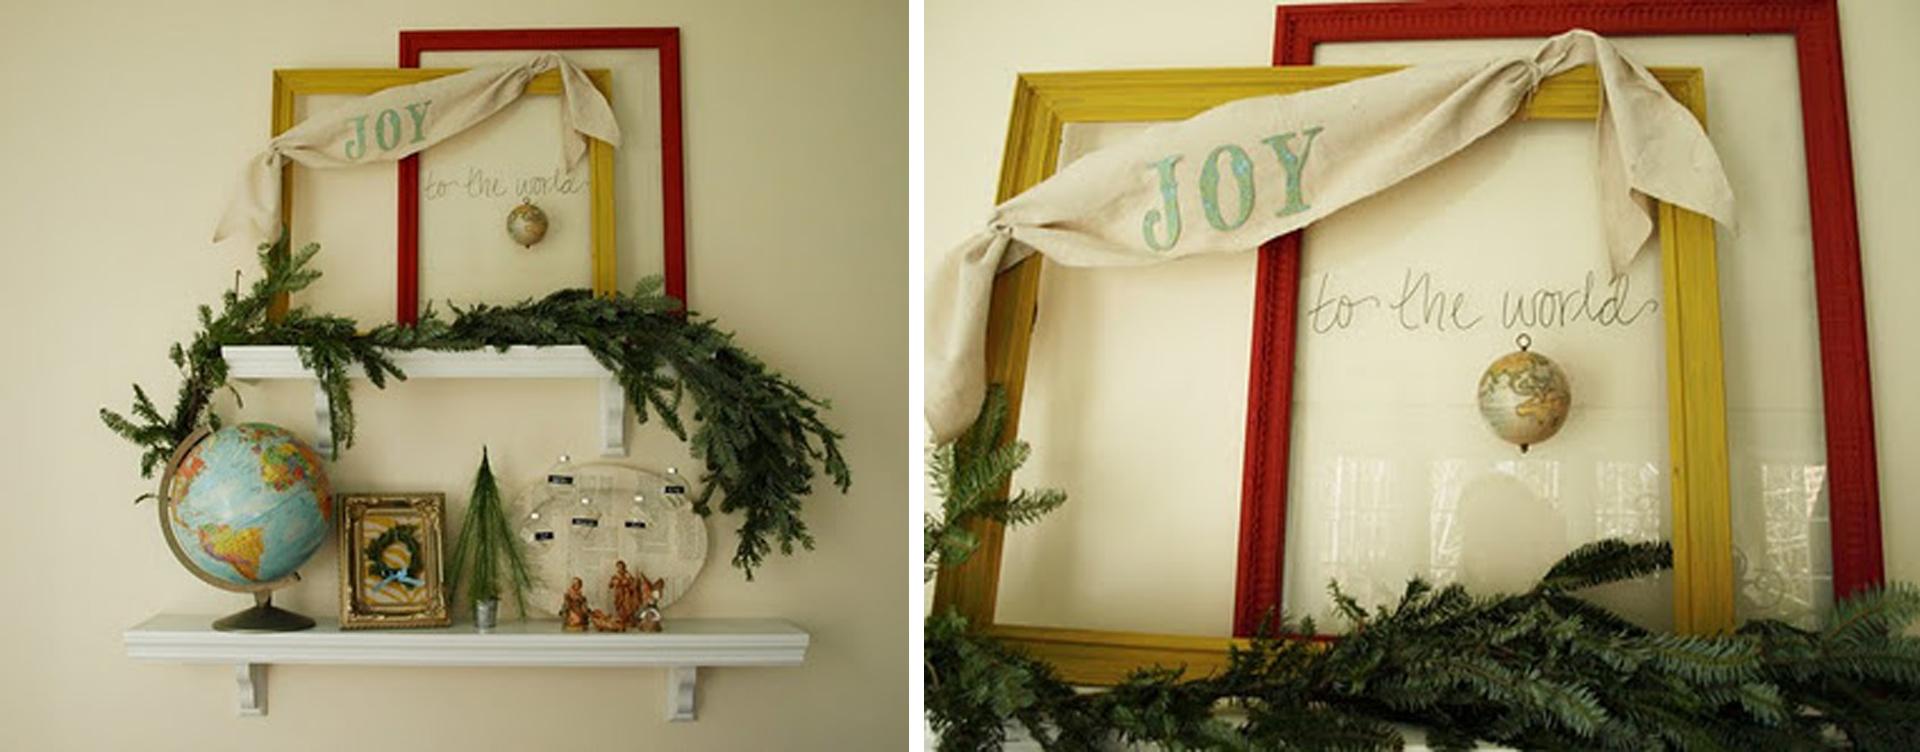 decoração natalina tema viagens